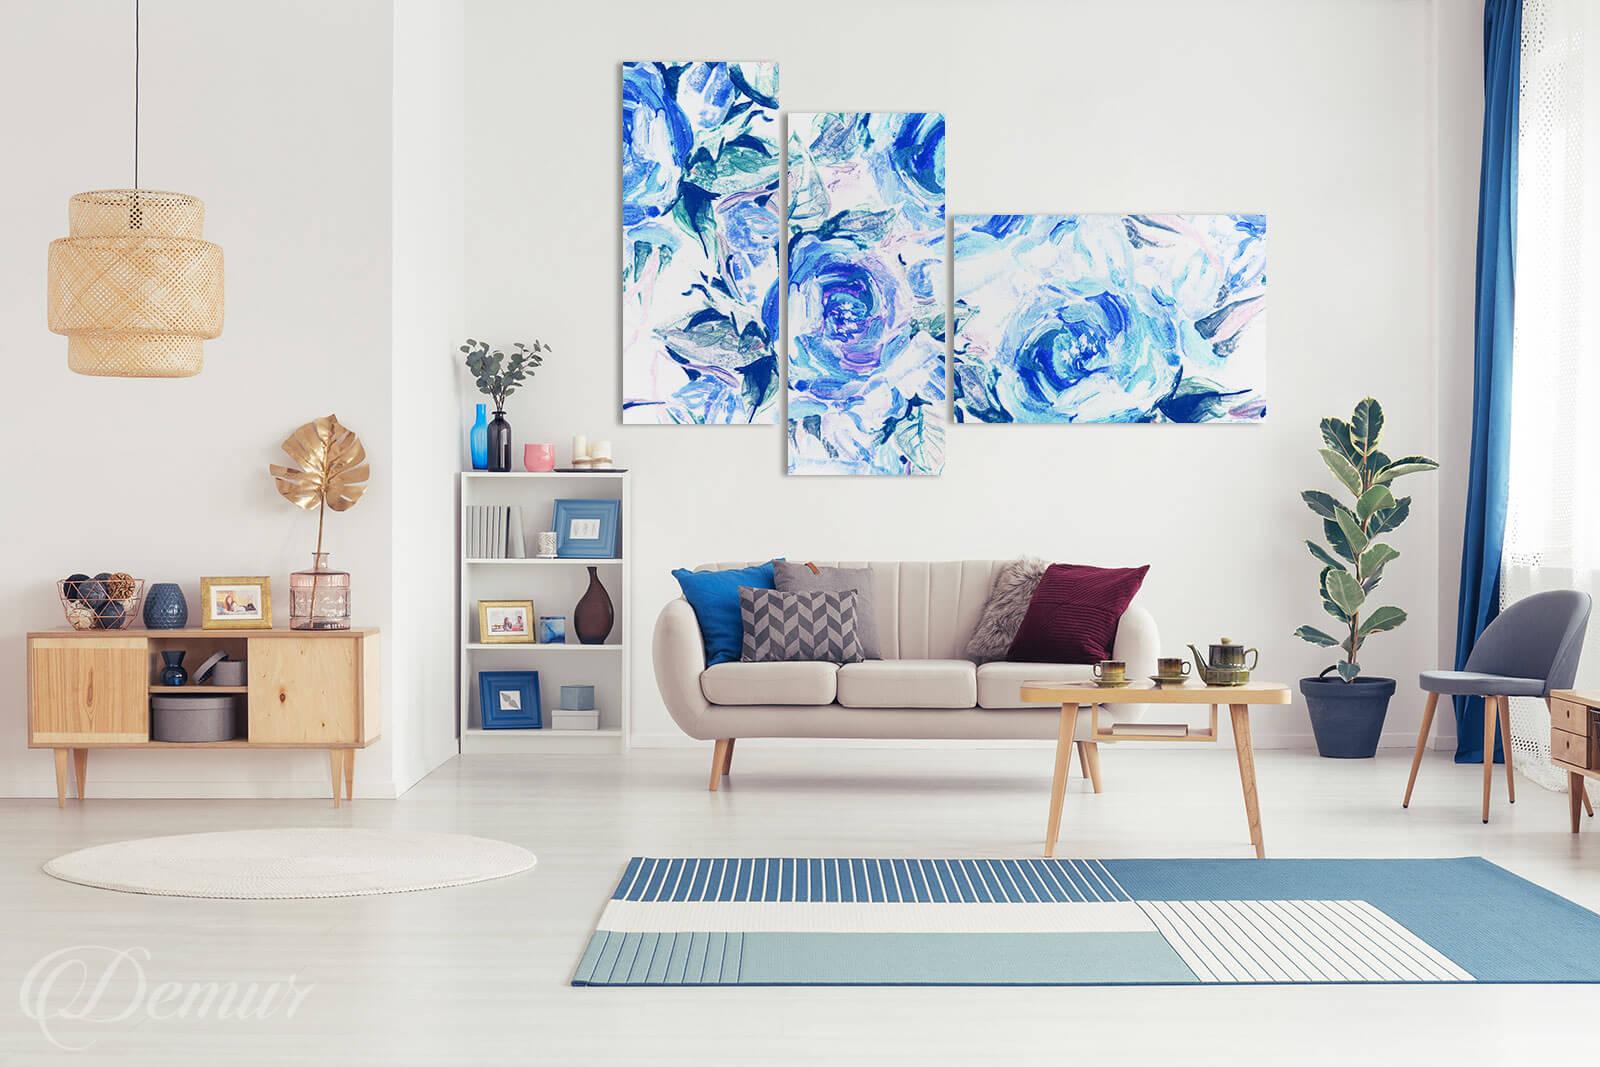 Obraz Błękitne Róże - Obrazy tryptyki do salonu - Demur